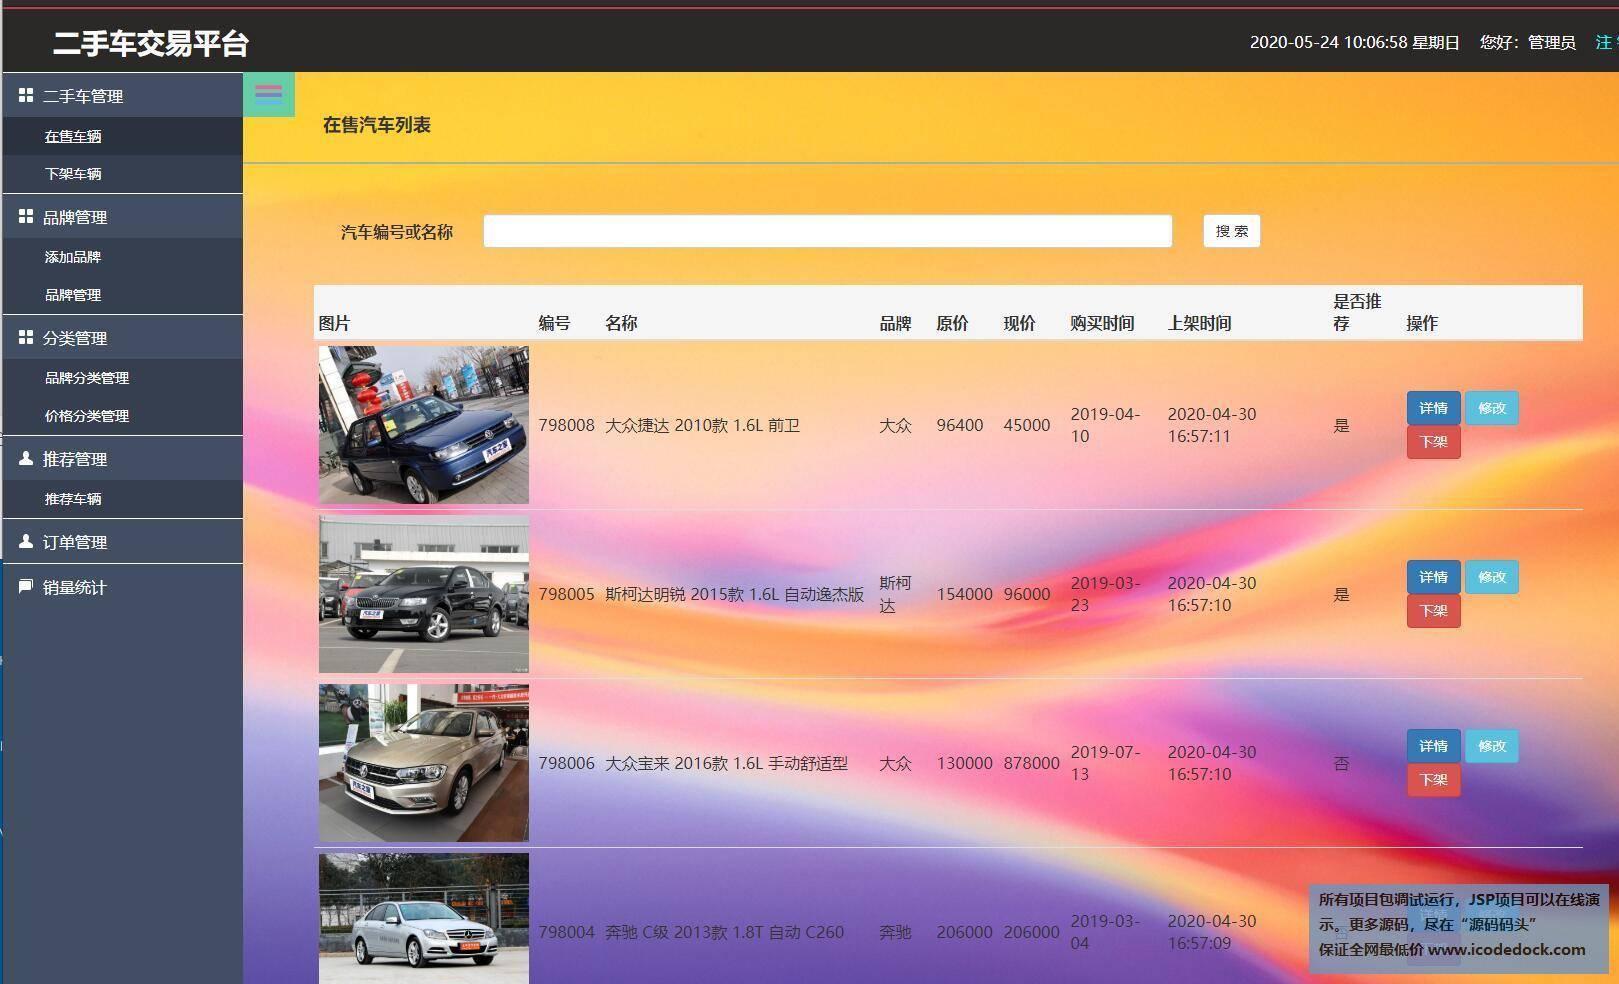 源码码头-SSM二手汽车交易商城网站管理系统-管理员角色-在售车辆管理